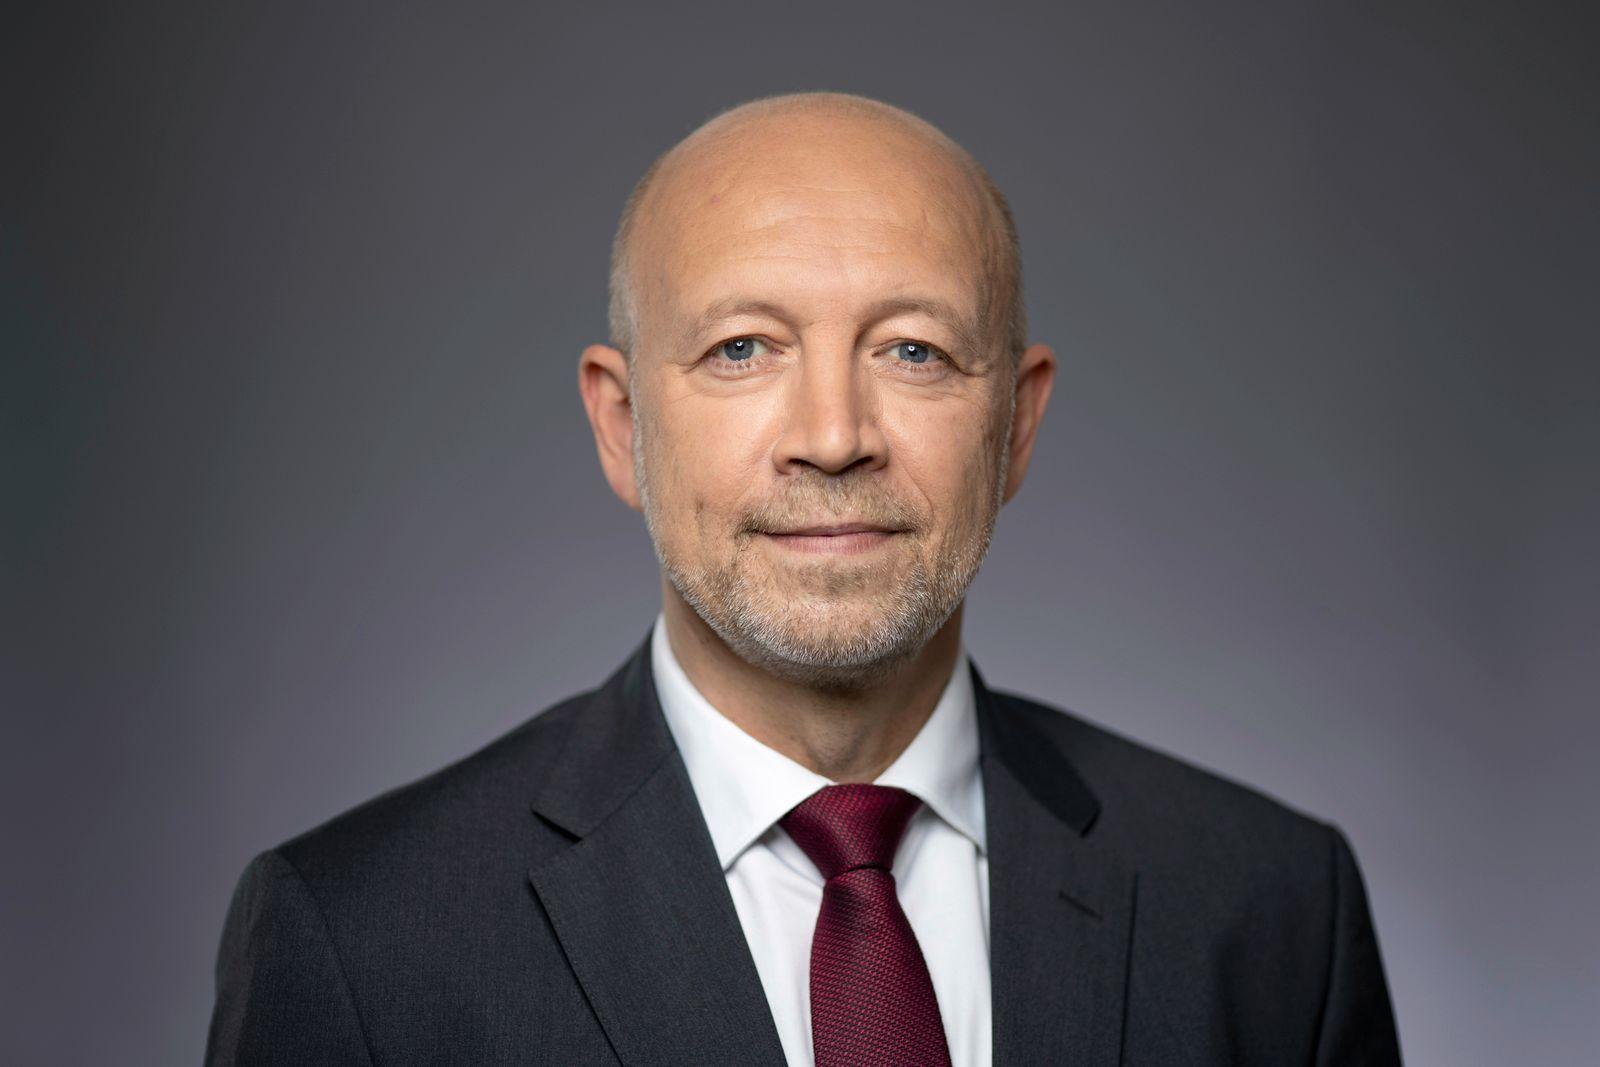 Andreas Kuhlmann